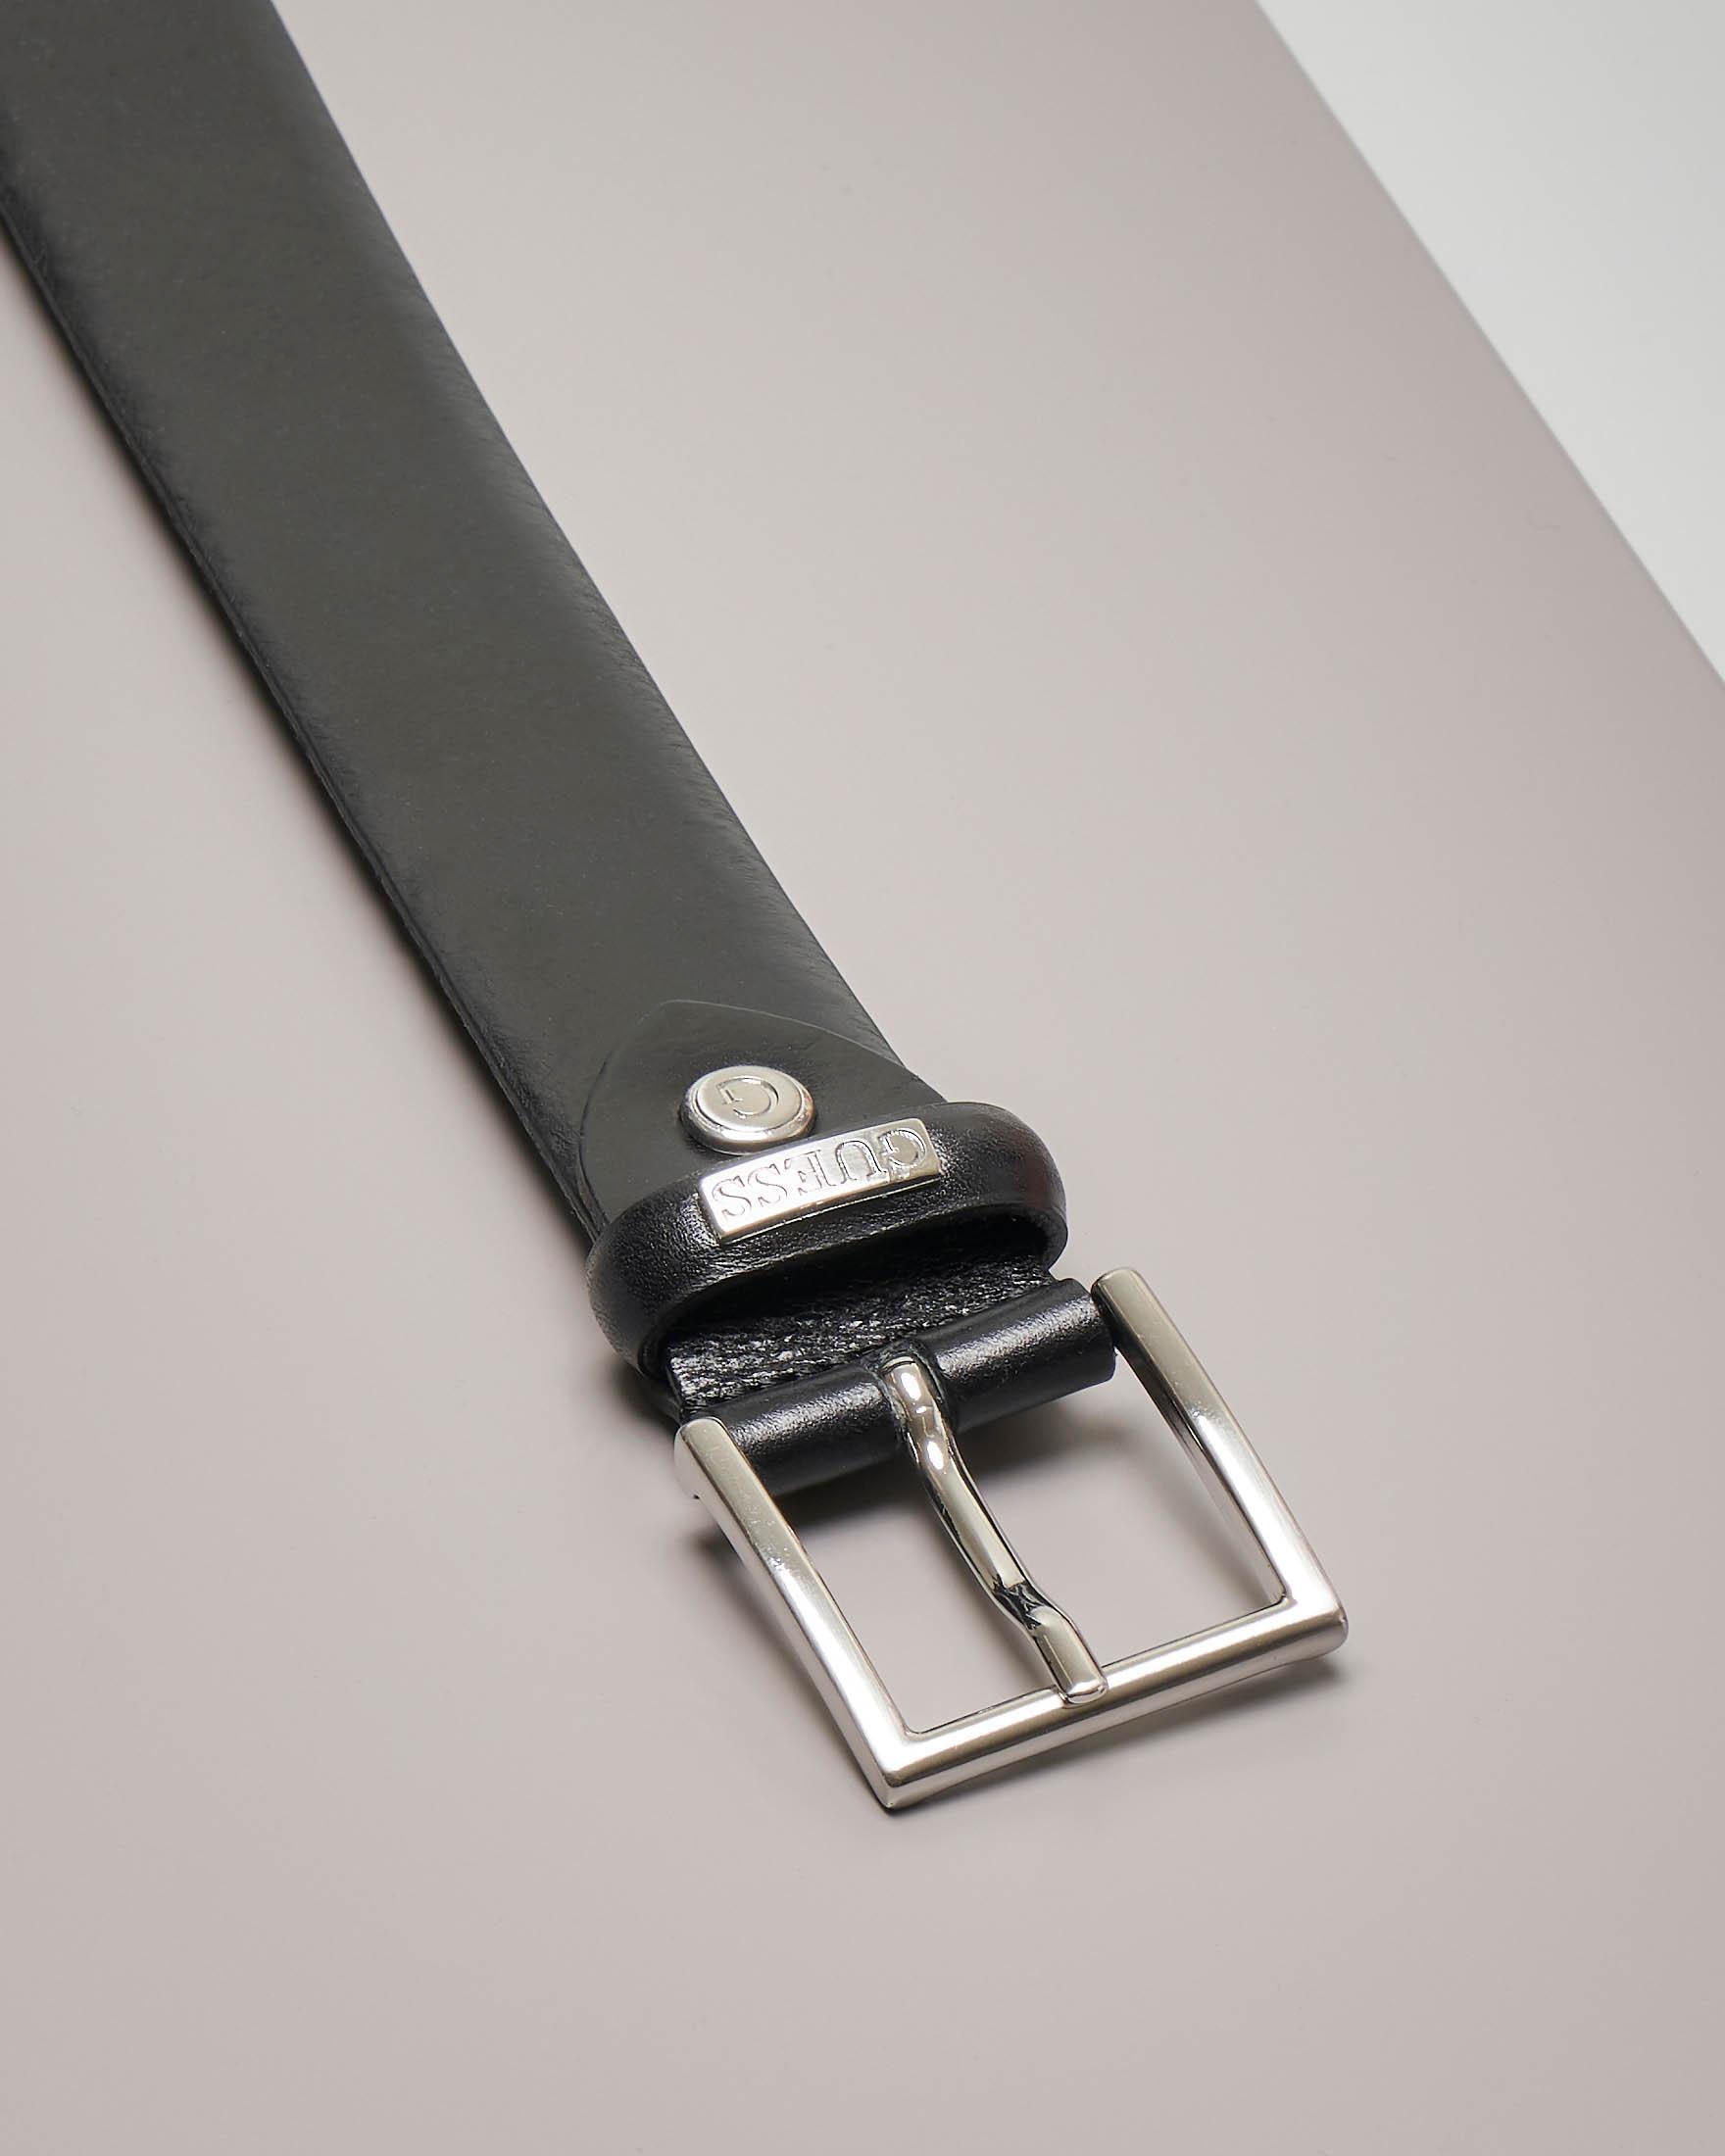 valore eccezionale incontrare migliore a buon mercato Accessori da Uomo: Cravatte, Portafogli, Cappelli | Pellizzari